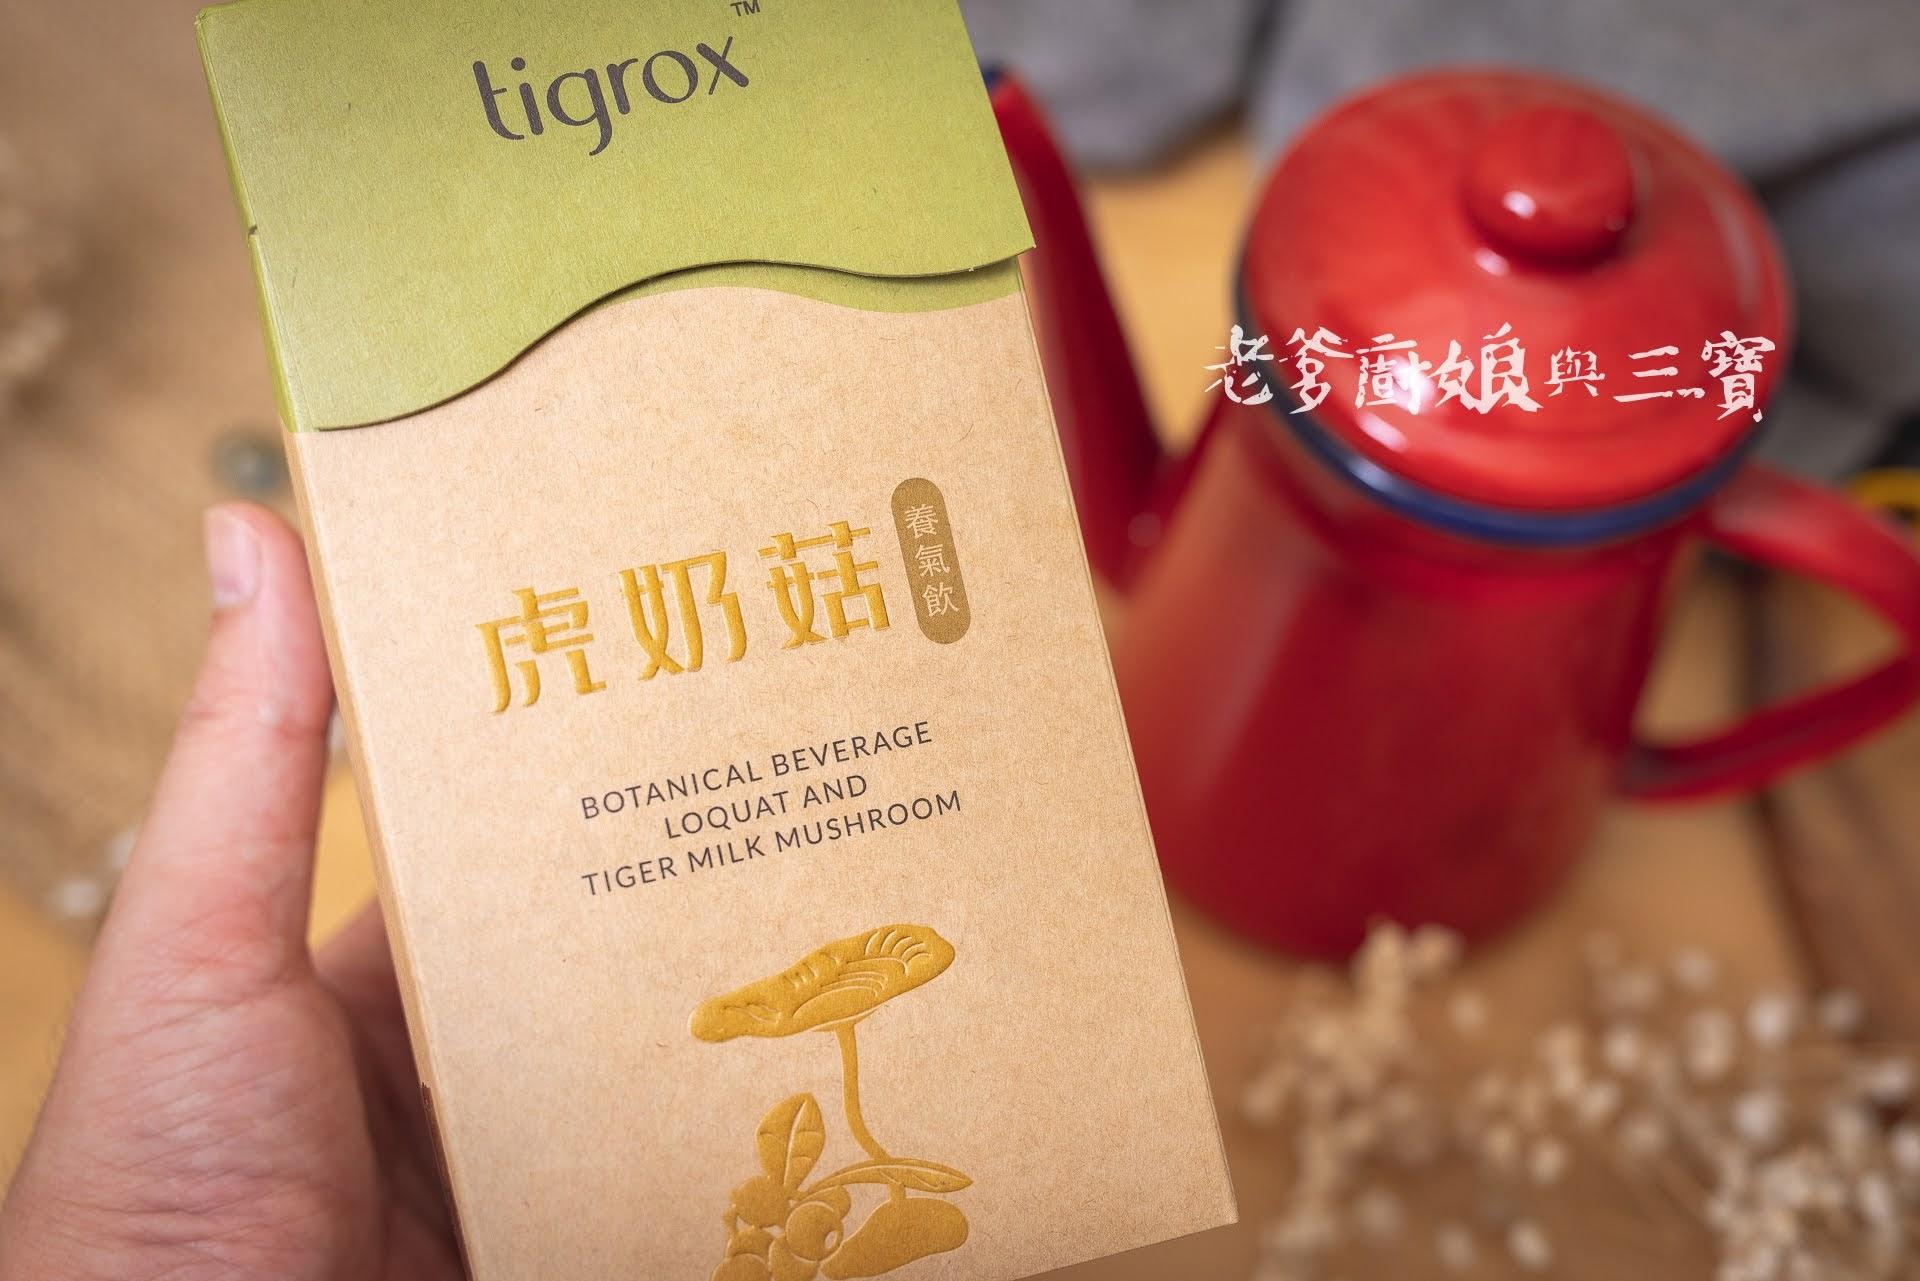 新冠在,保養不懈怠!來親自體驗這被視為馬來西亞國寶的【唯樂】虎奶菇養氣飲評價